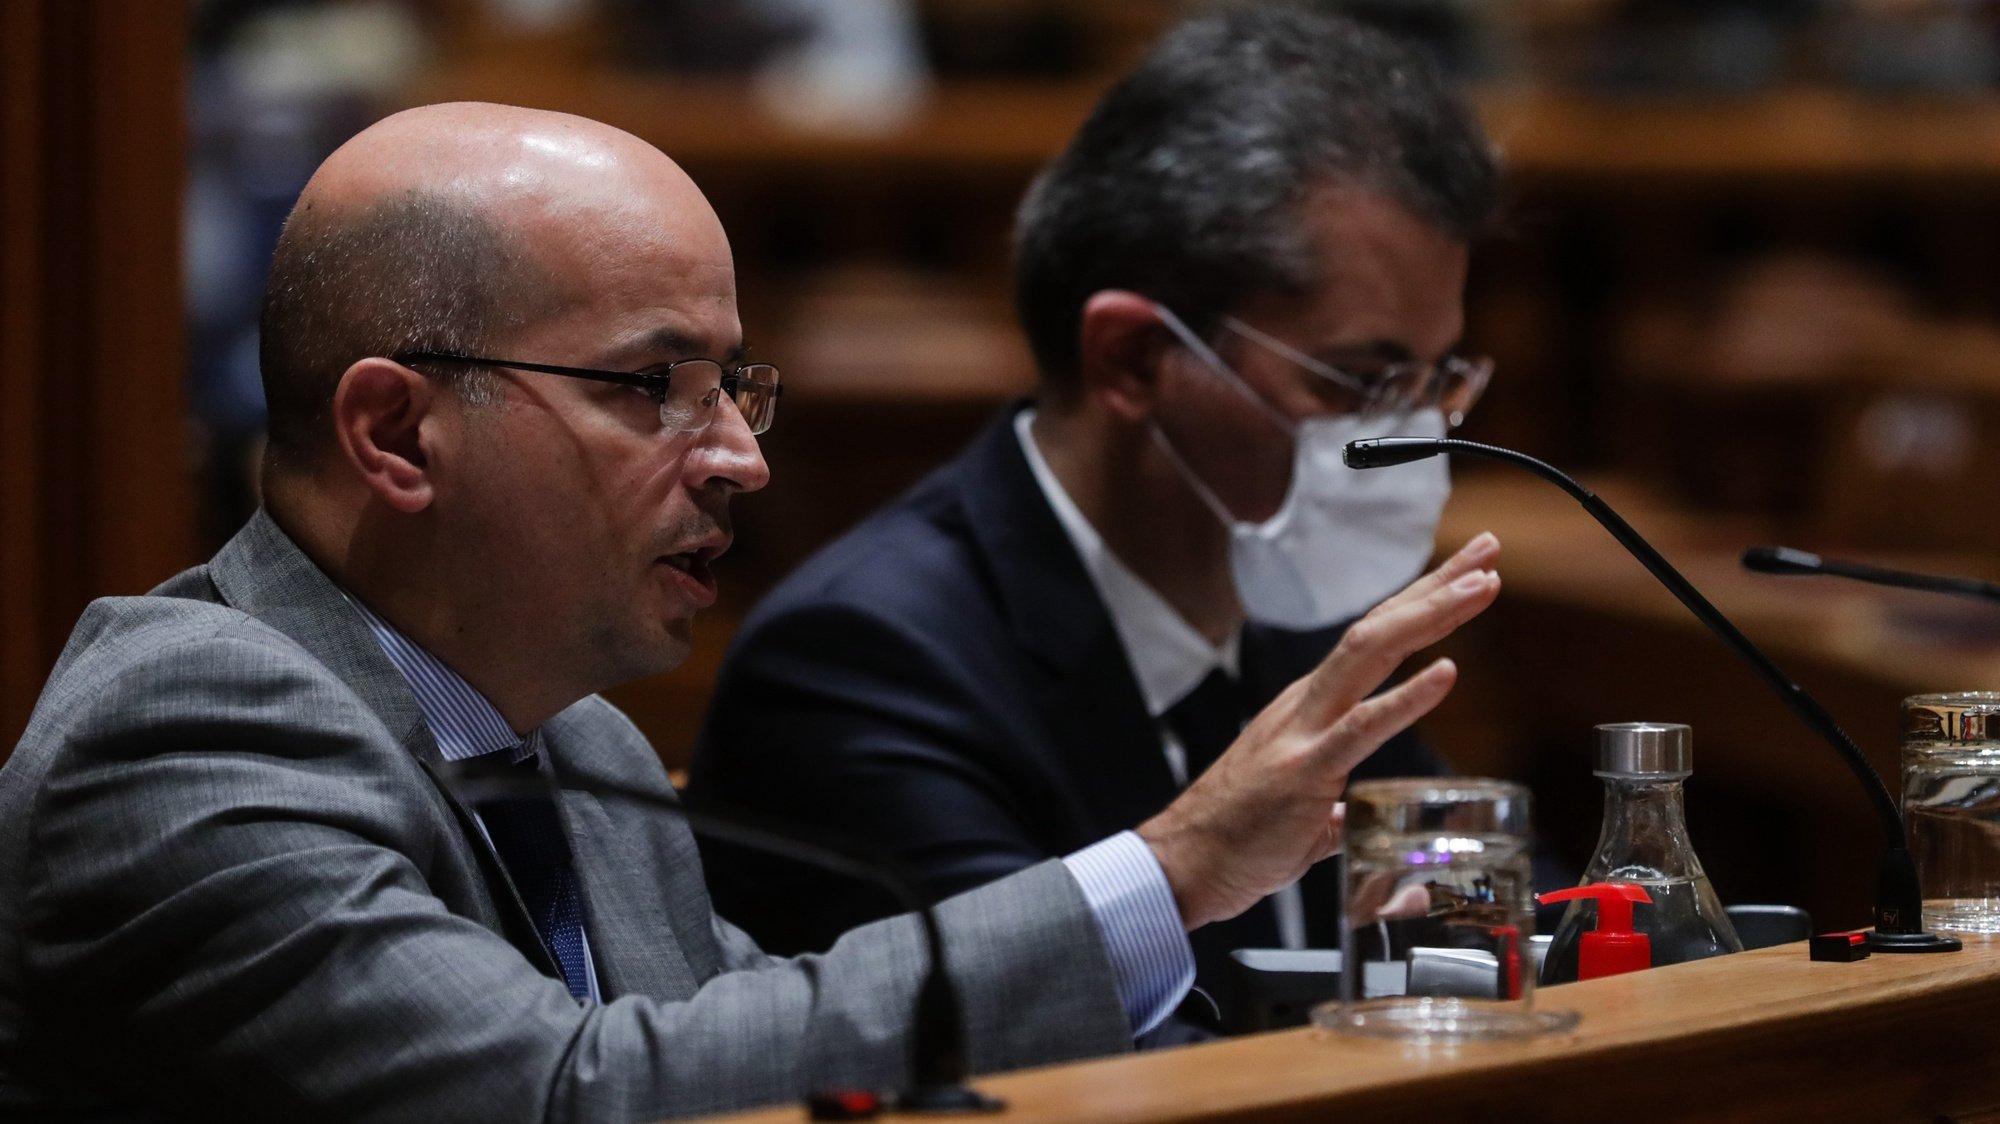 O ministro de Estado e das Finanças, João Leão, durante a audição perante a Comissão de Orçamento e Finanças, na Assembleia da República em Lisboa, 12 de novembro de 2020. TIAGO PETINGA/LUSA